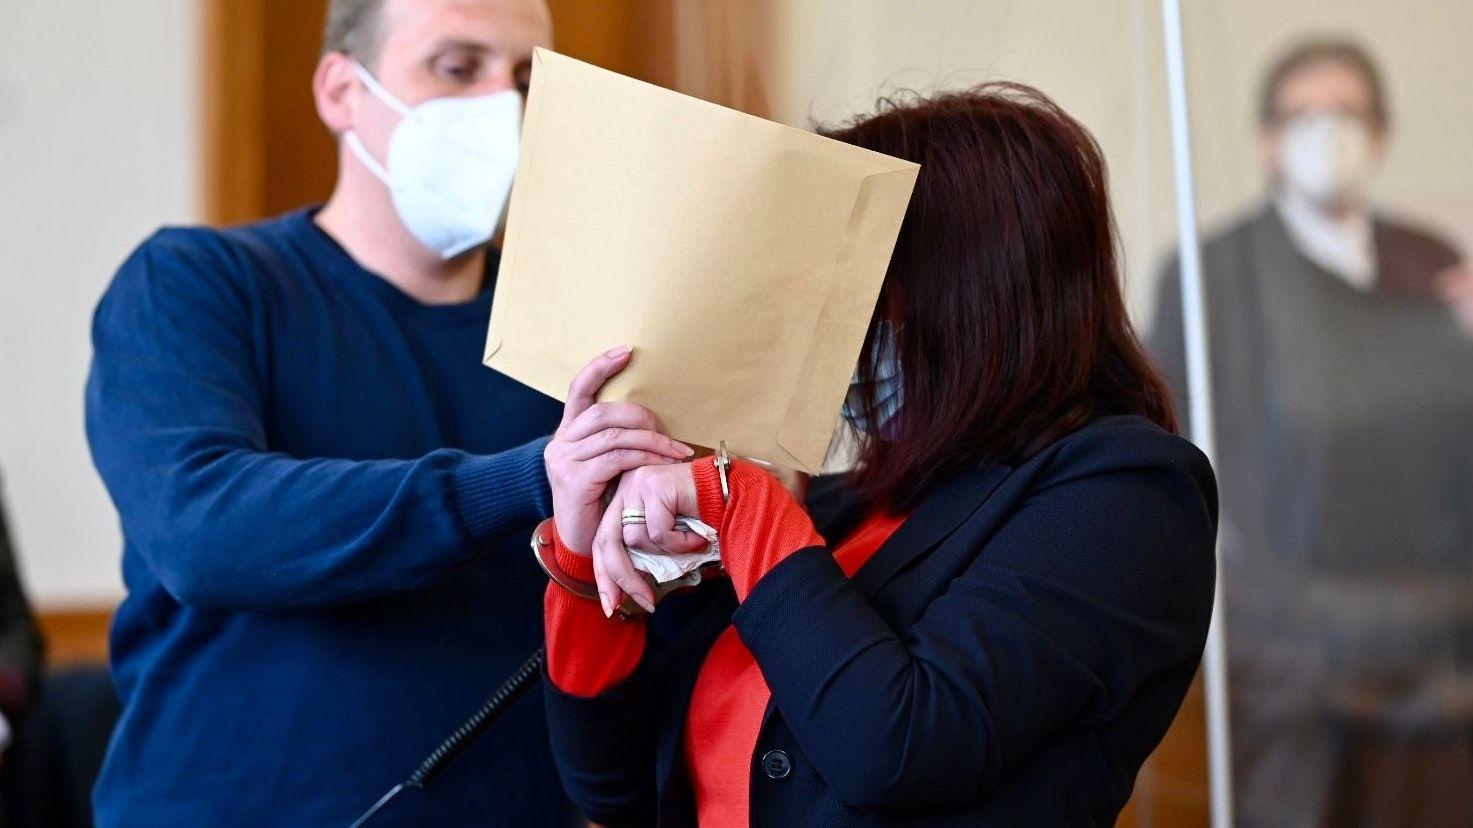 Schuldig gesprochen: die angeklagte Ehefrau vor Gericht. Archivfoto: M. Niehues